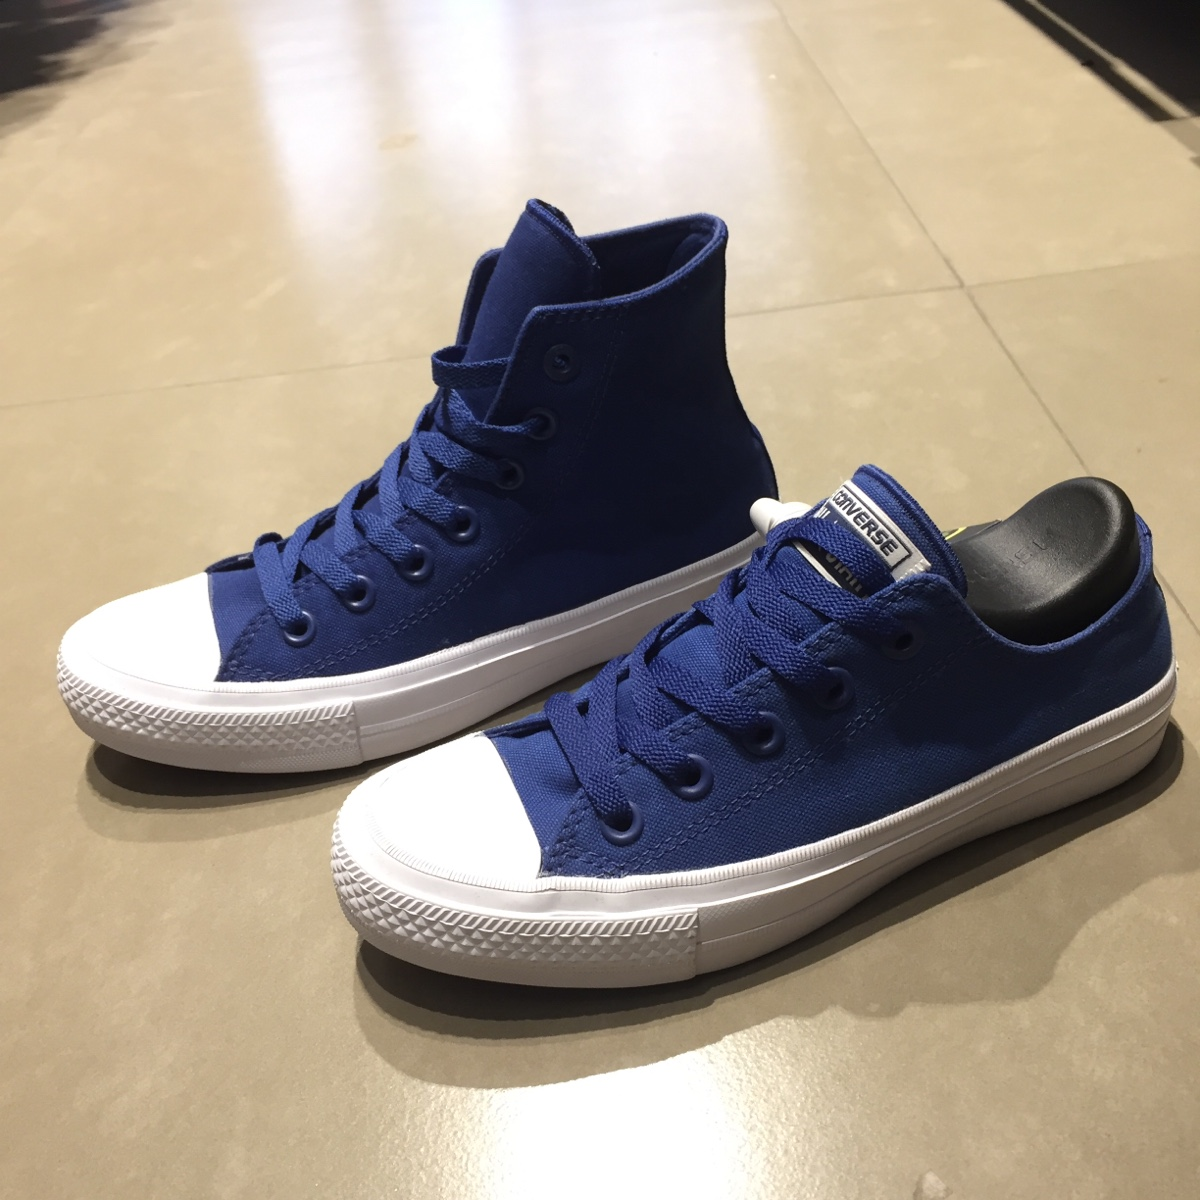 匡威新款帆布鞋 Converse匡威男女同款二代新款运动帆布鞋 150146_推荐淘宝好看的女匡威新款帆布鞋